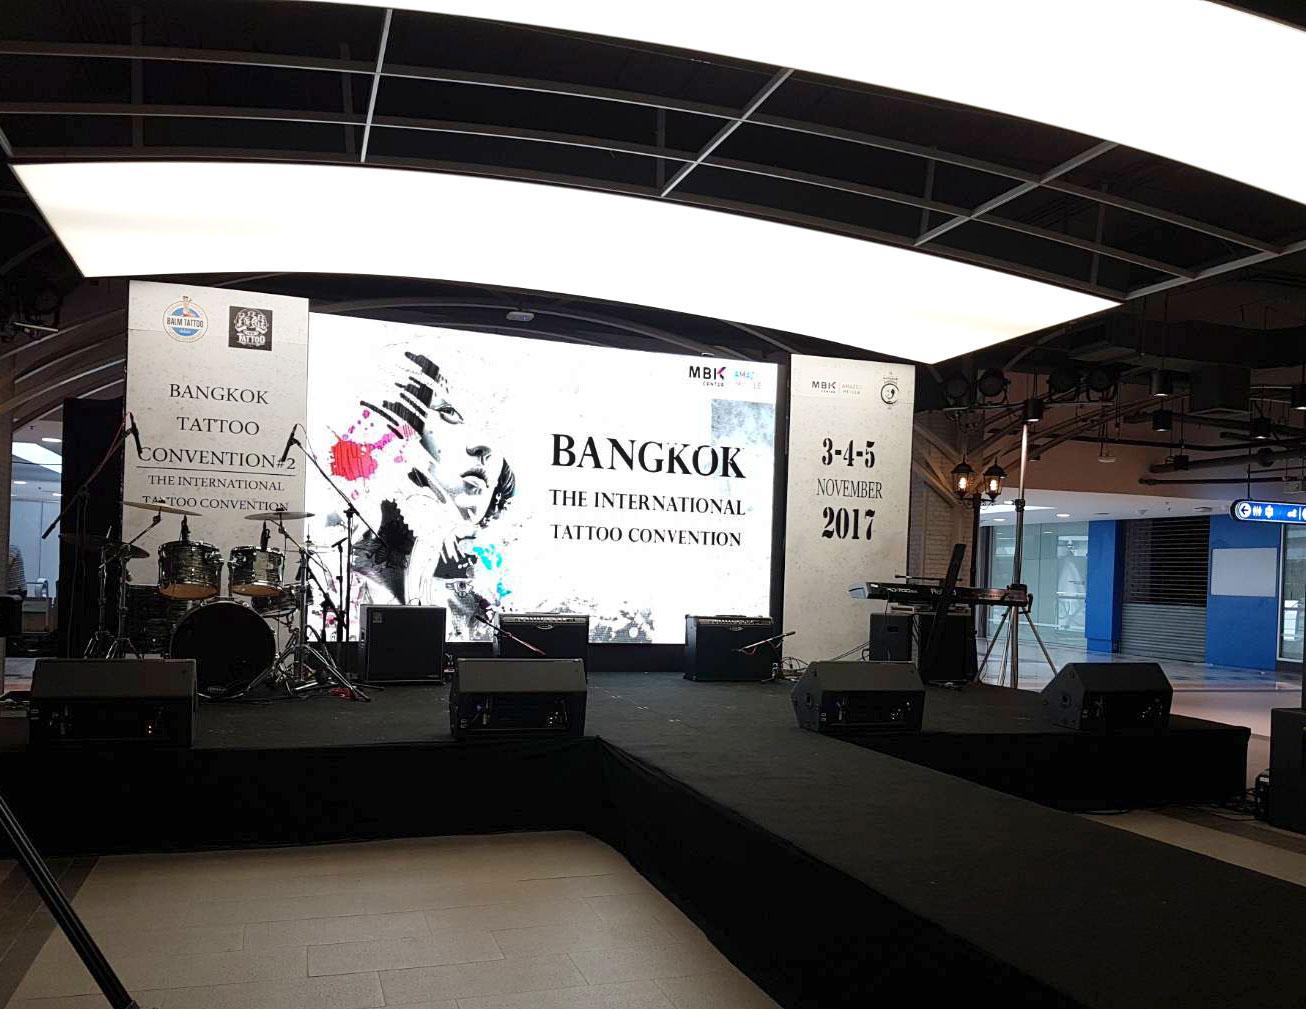 งานเช่าจอLED Bangkok Tattoo Convention#2